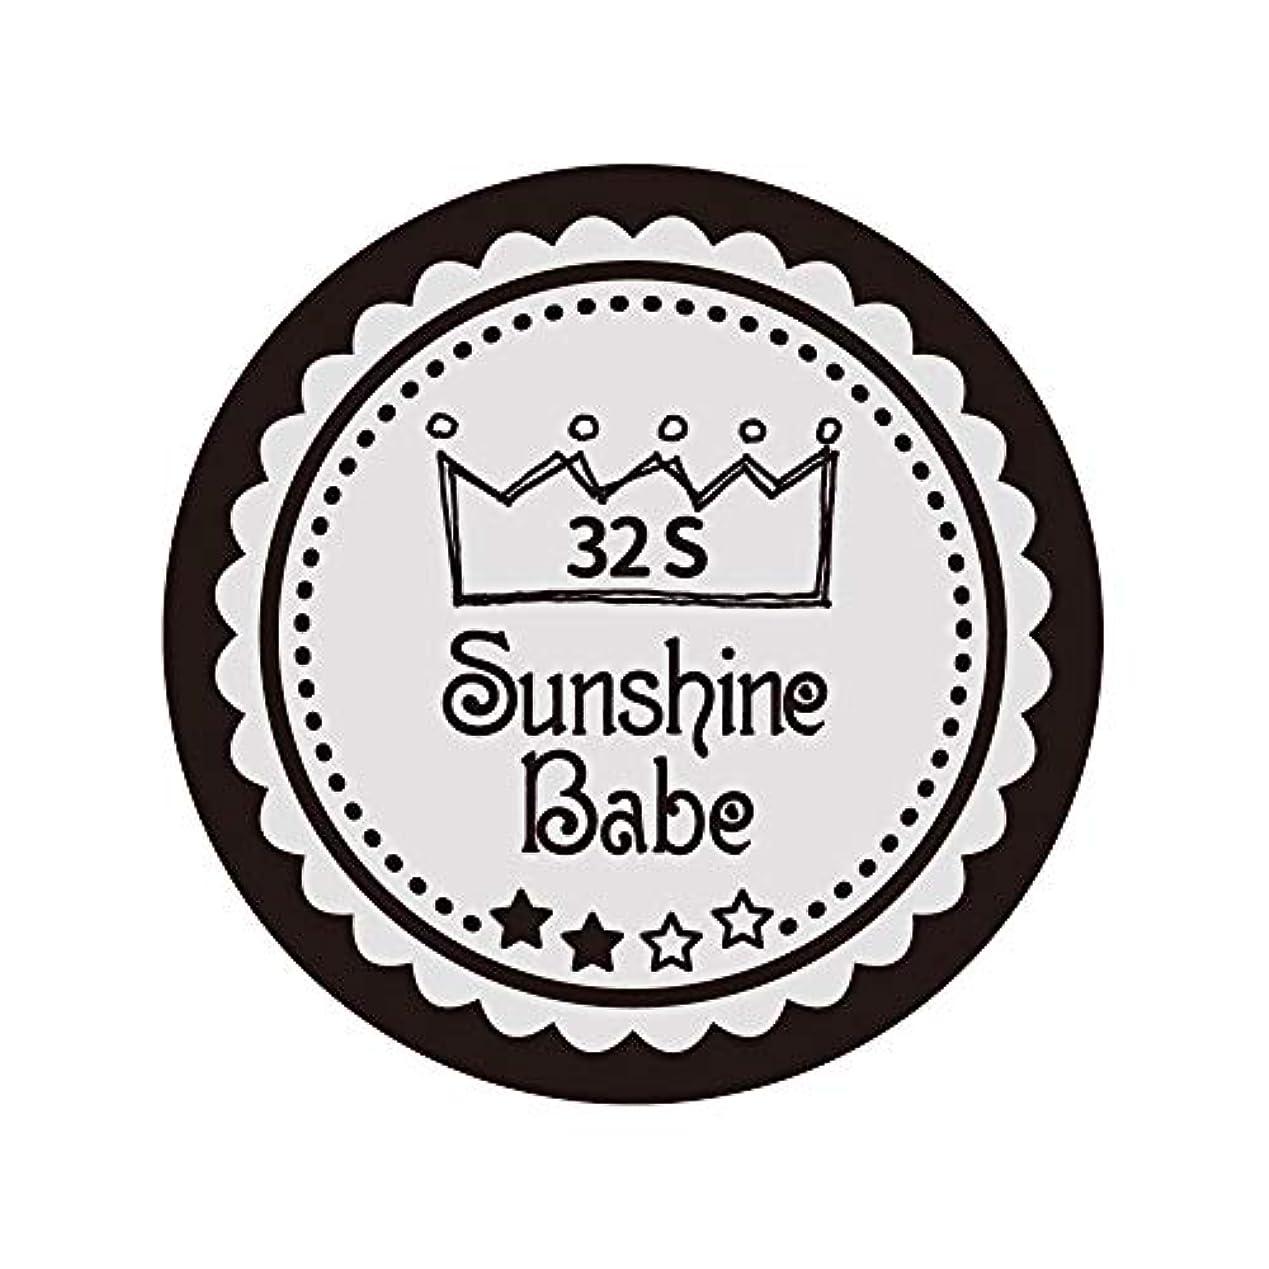 十分に悪質なアルバムSunshine Babe カラージェル 32S ミルキーグレージュ 2.7g UV/LED対応